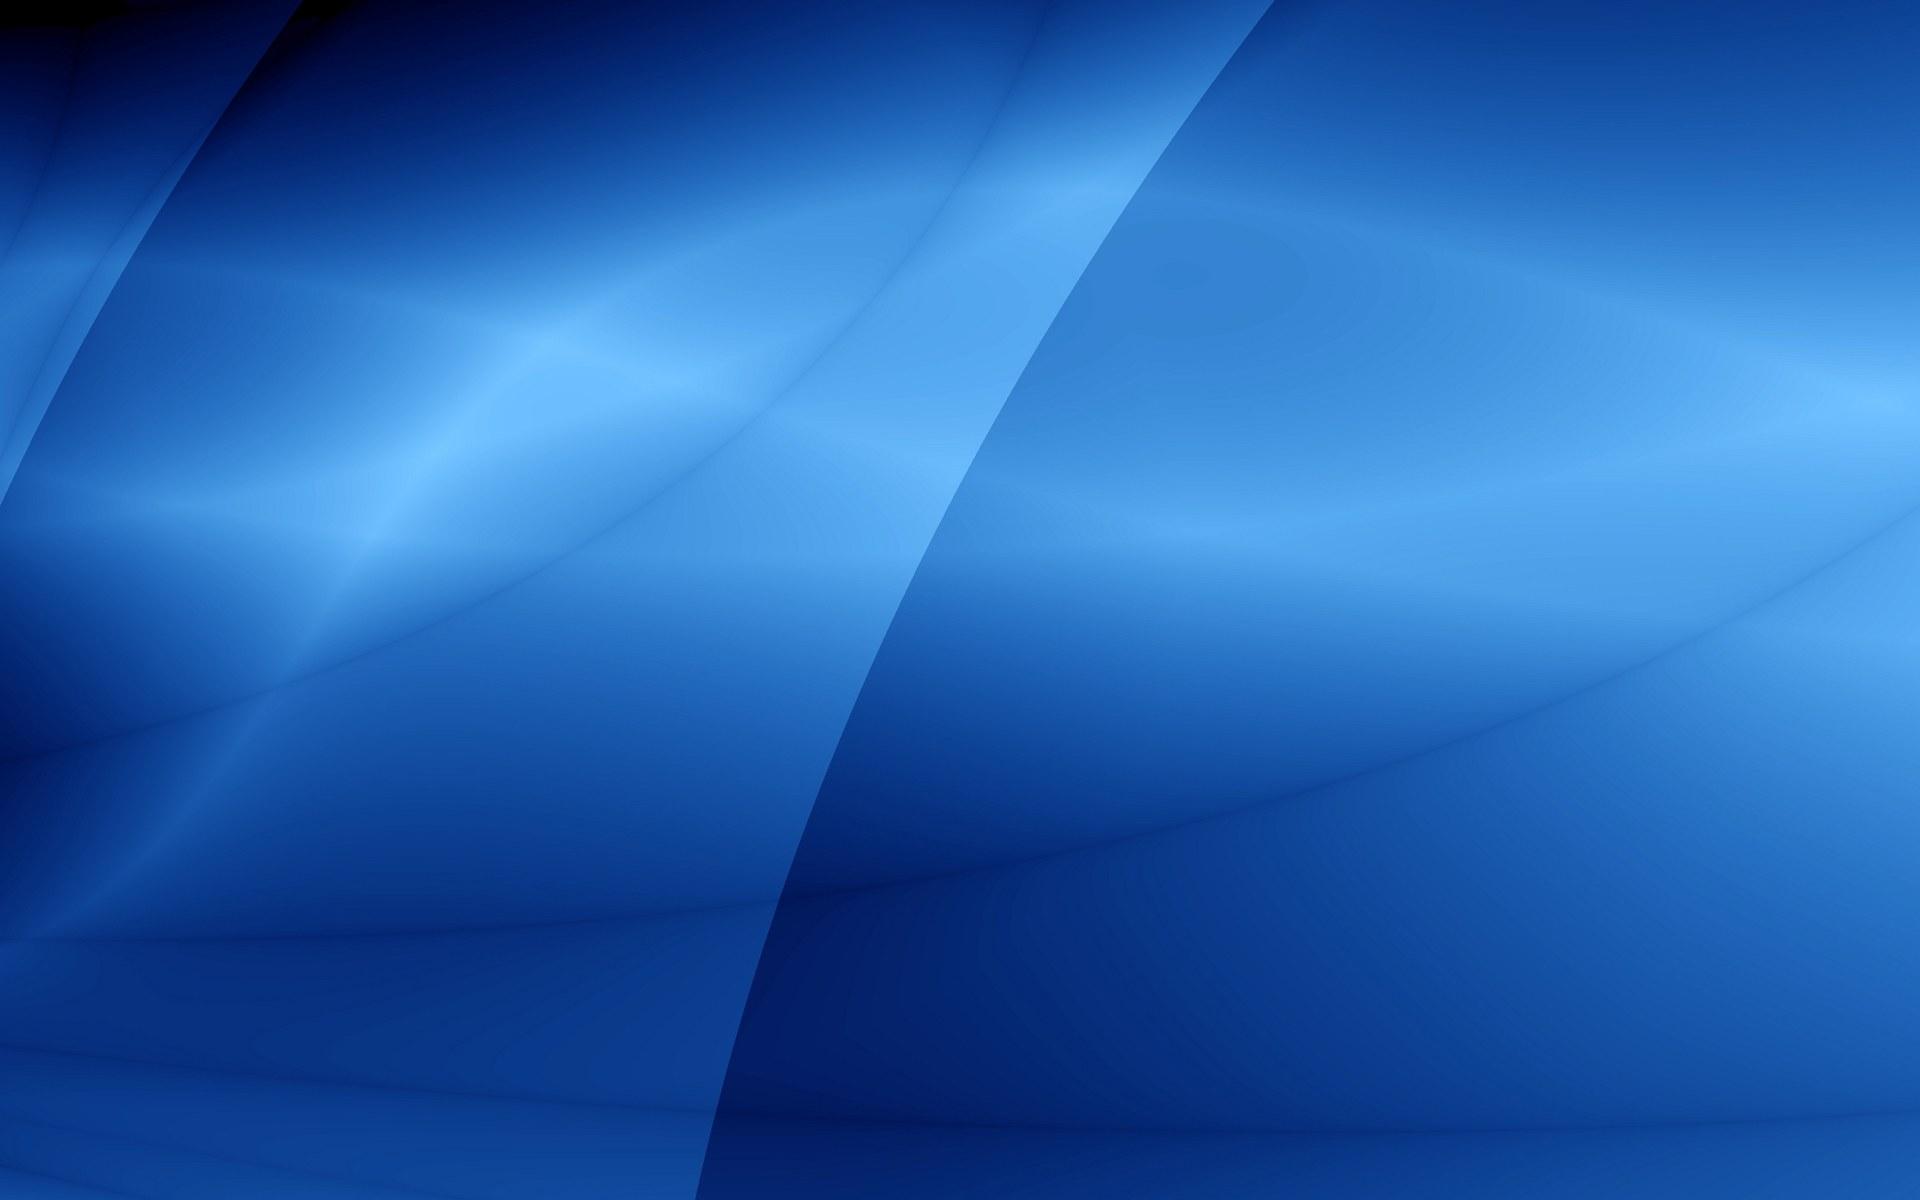 blue wallpaper 3072